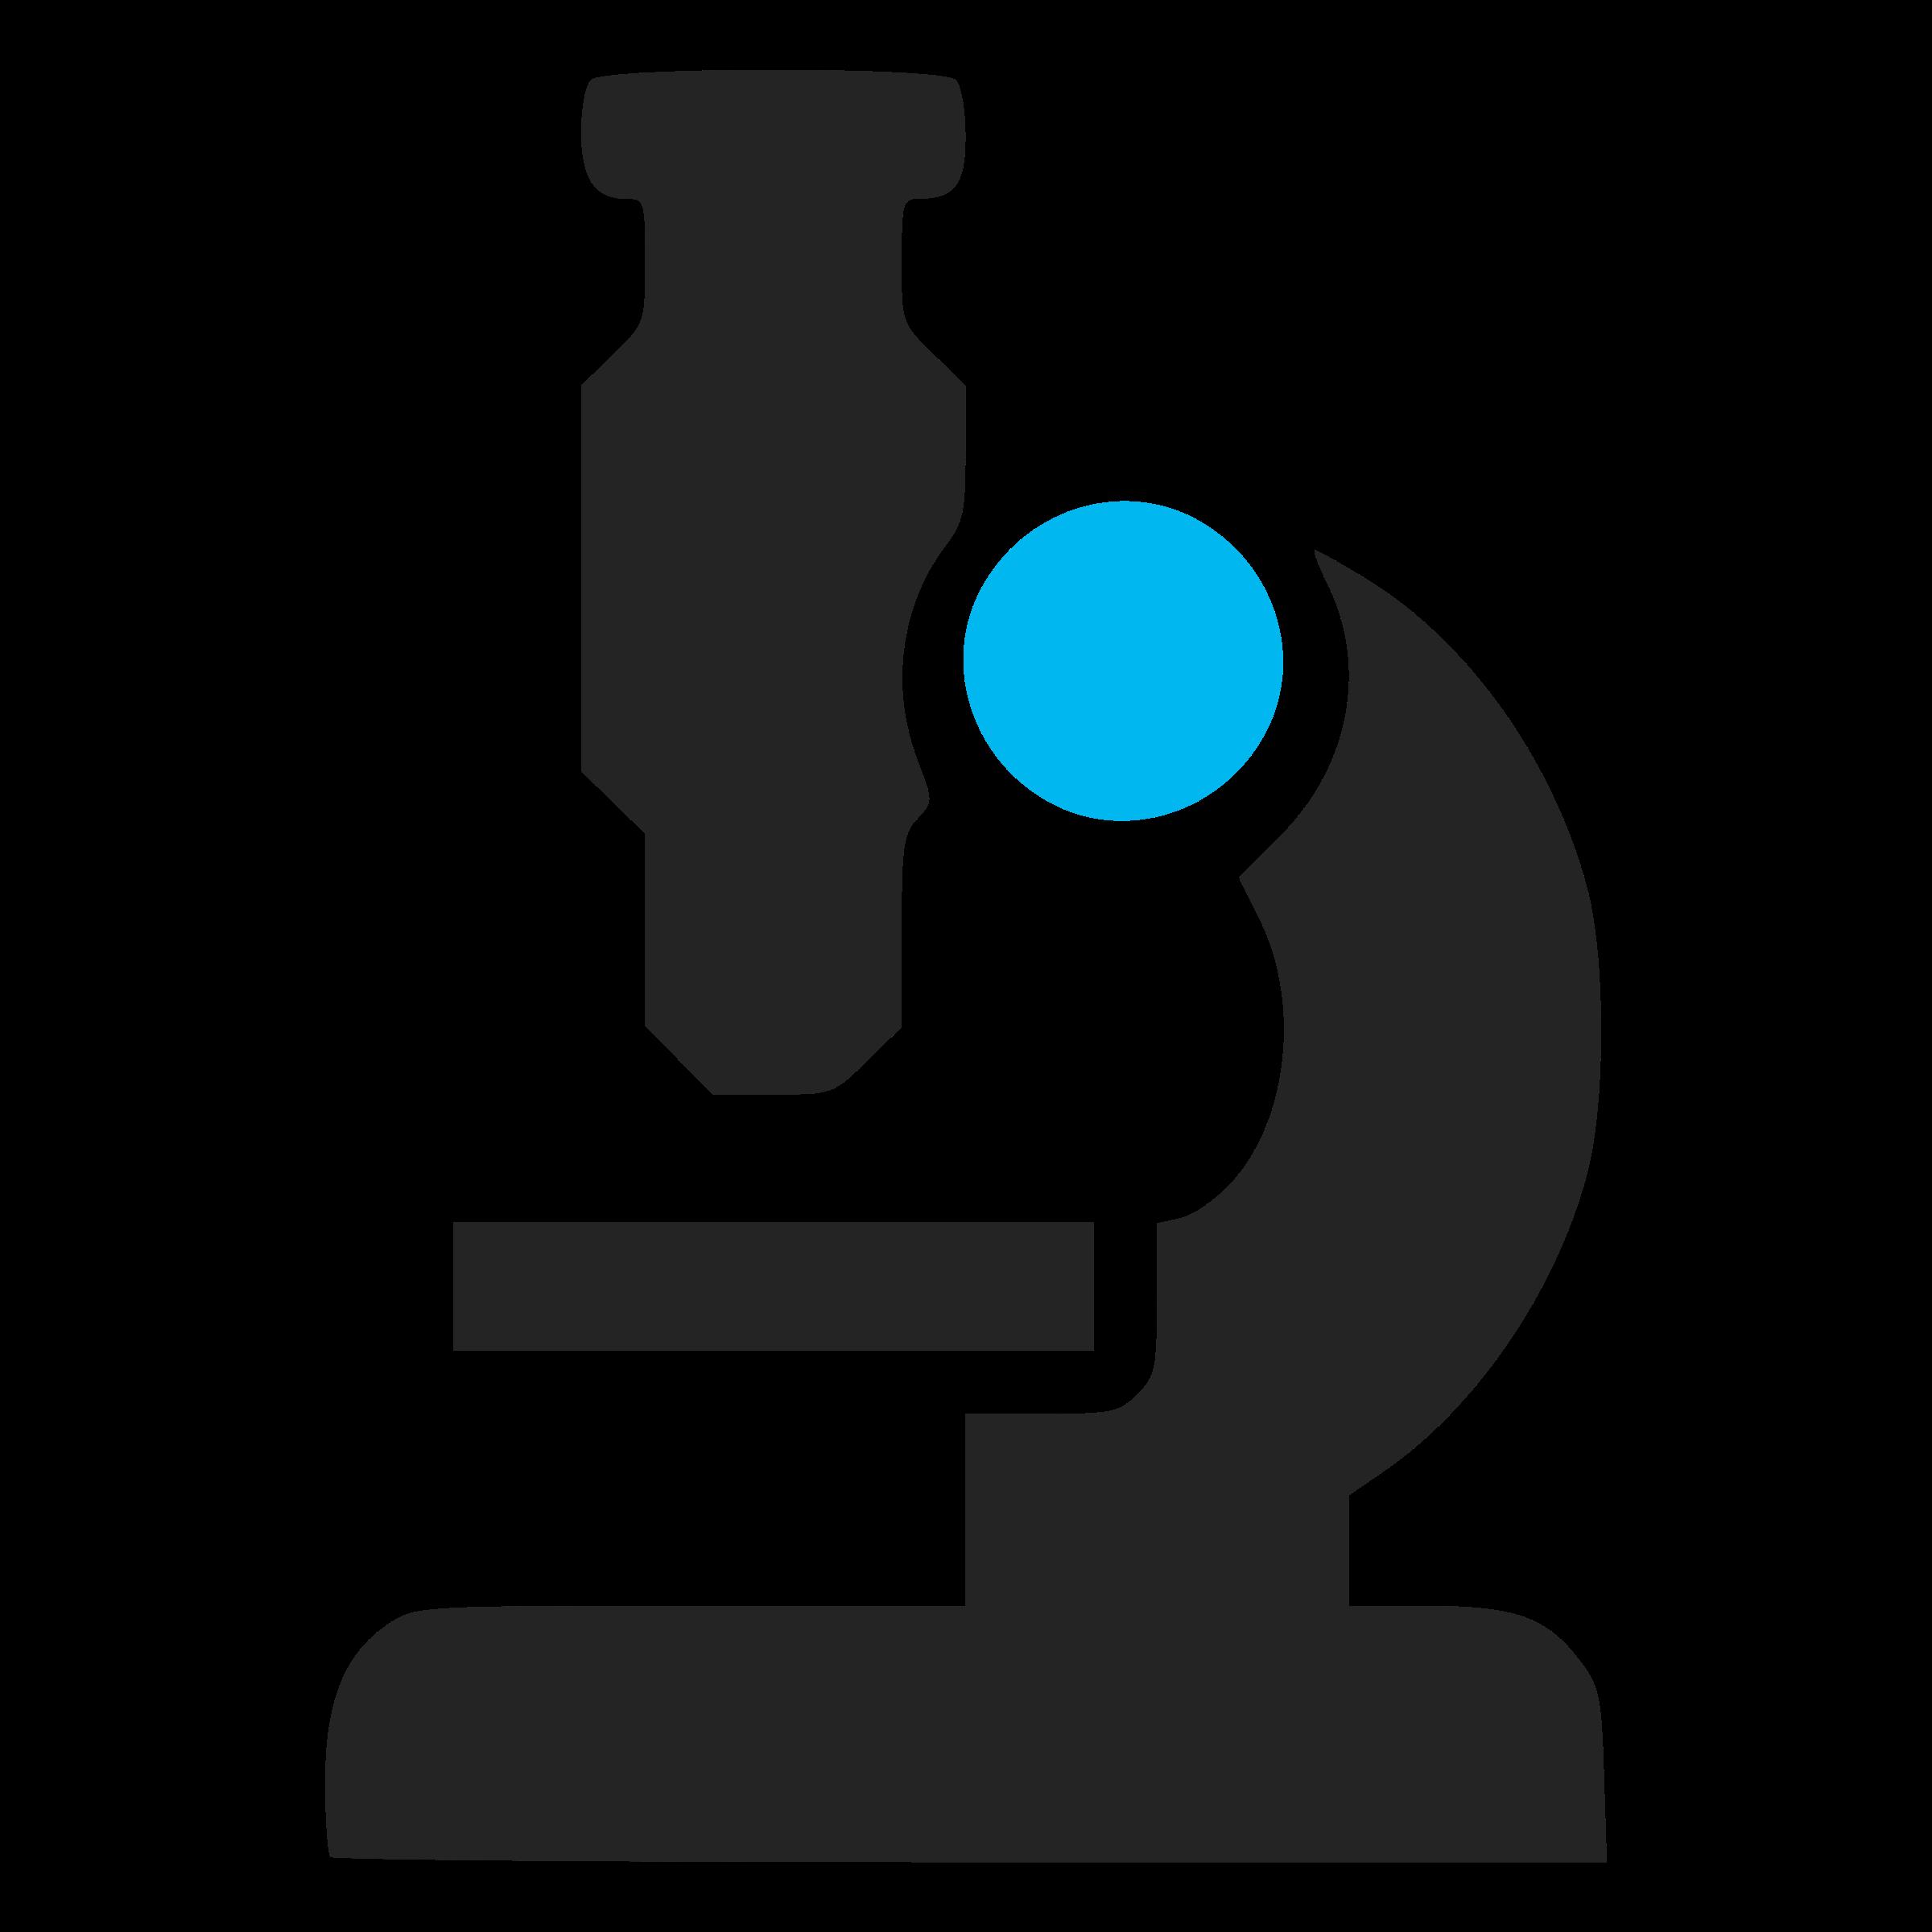 Clipart - Microscope Icon